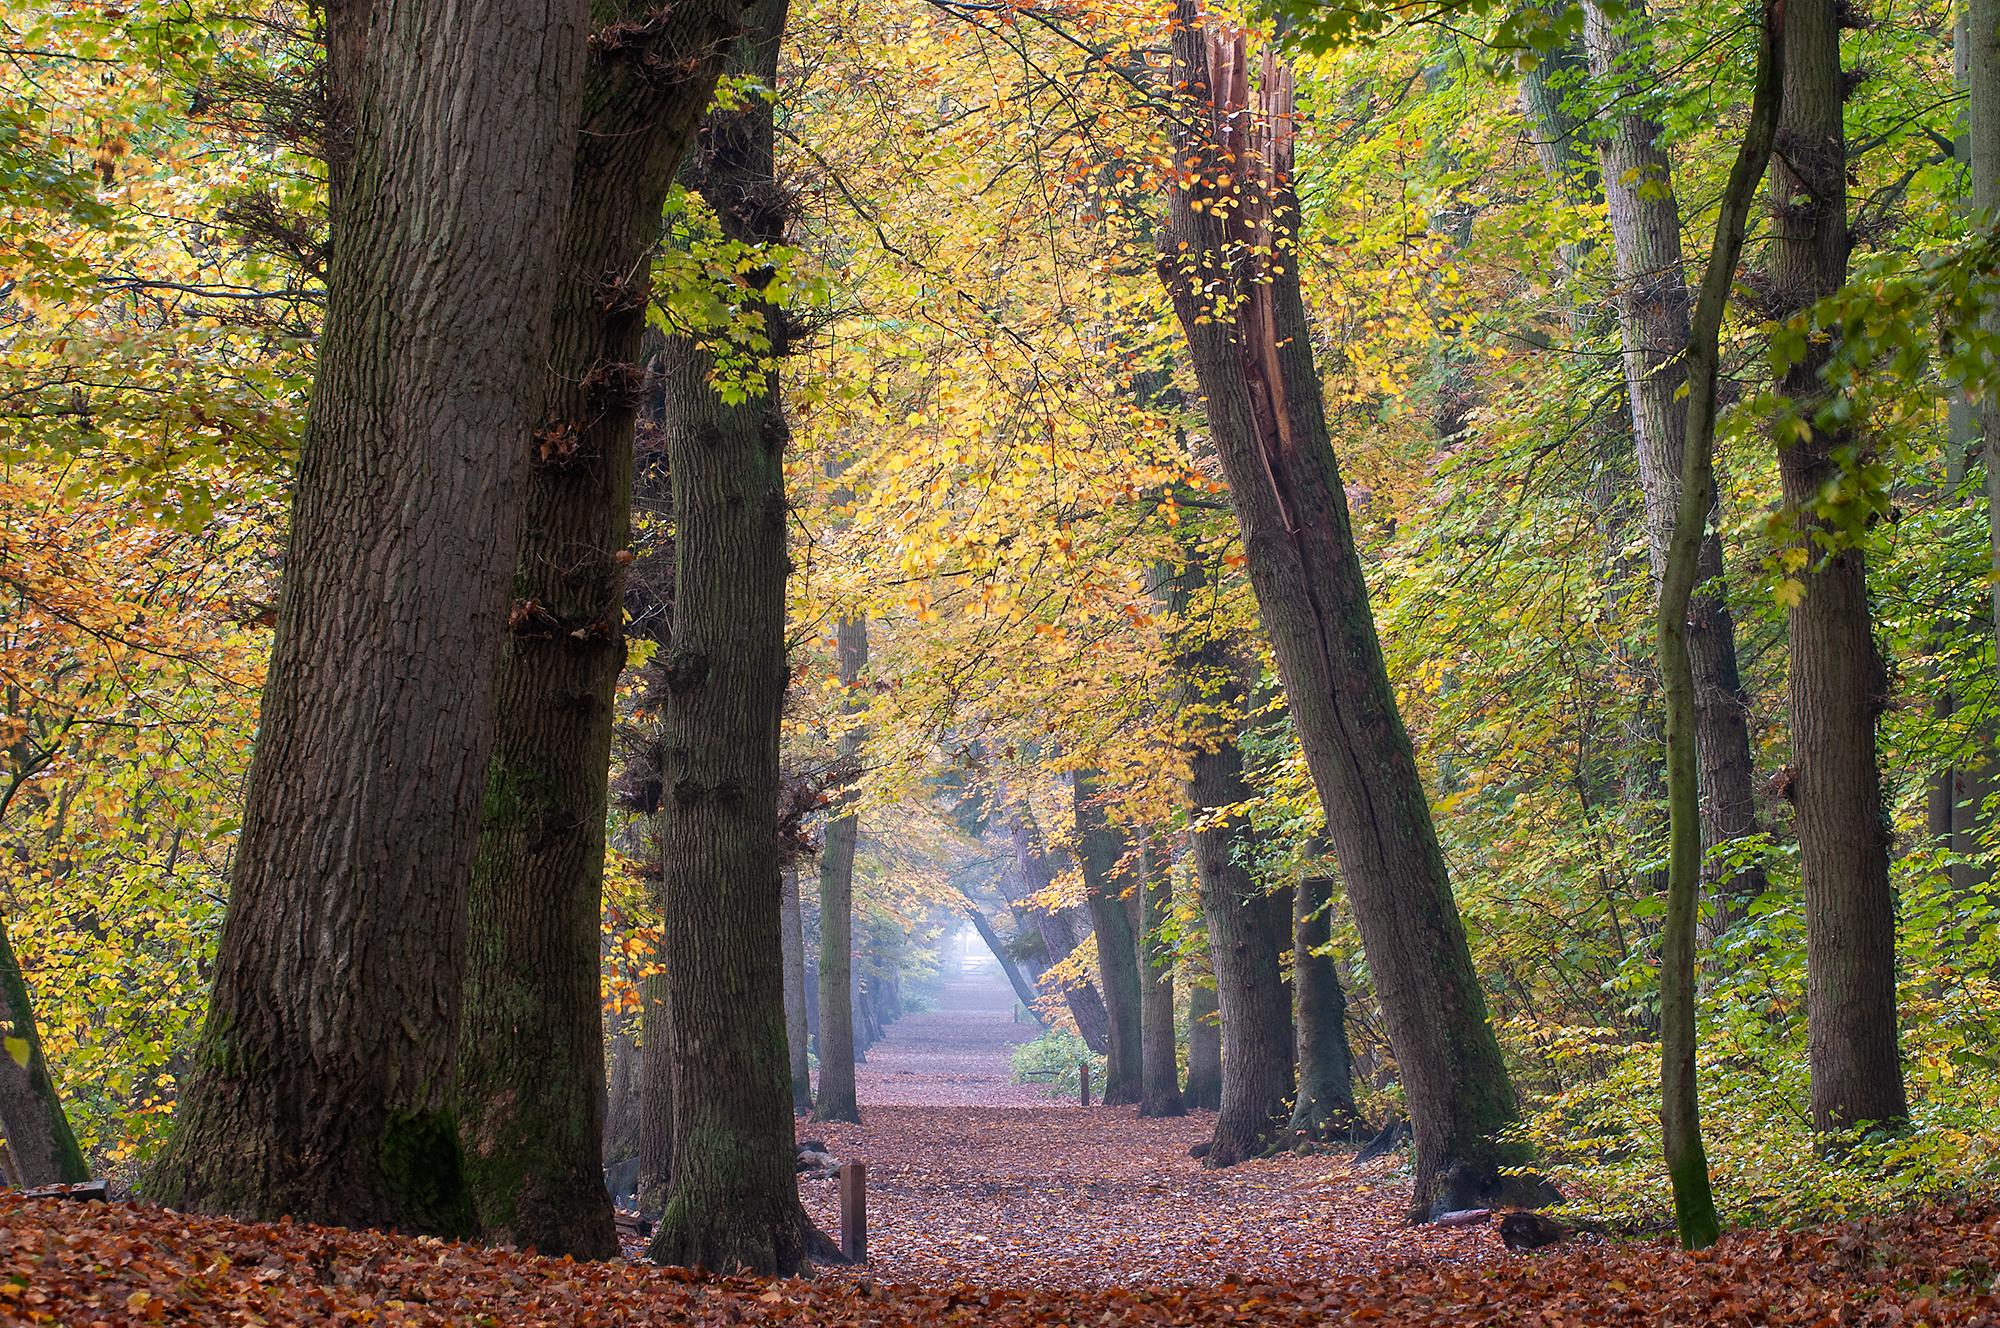 Beuken en eiken langs bomenlaan tijdens herfst in het bos van het Noordhollands Duinreservaat bij Bergen